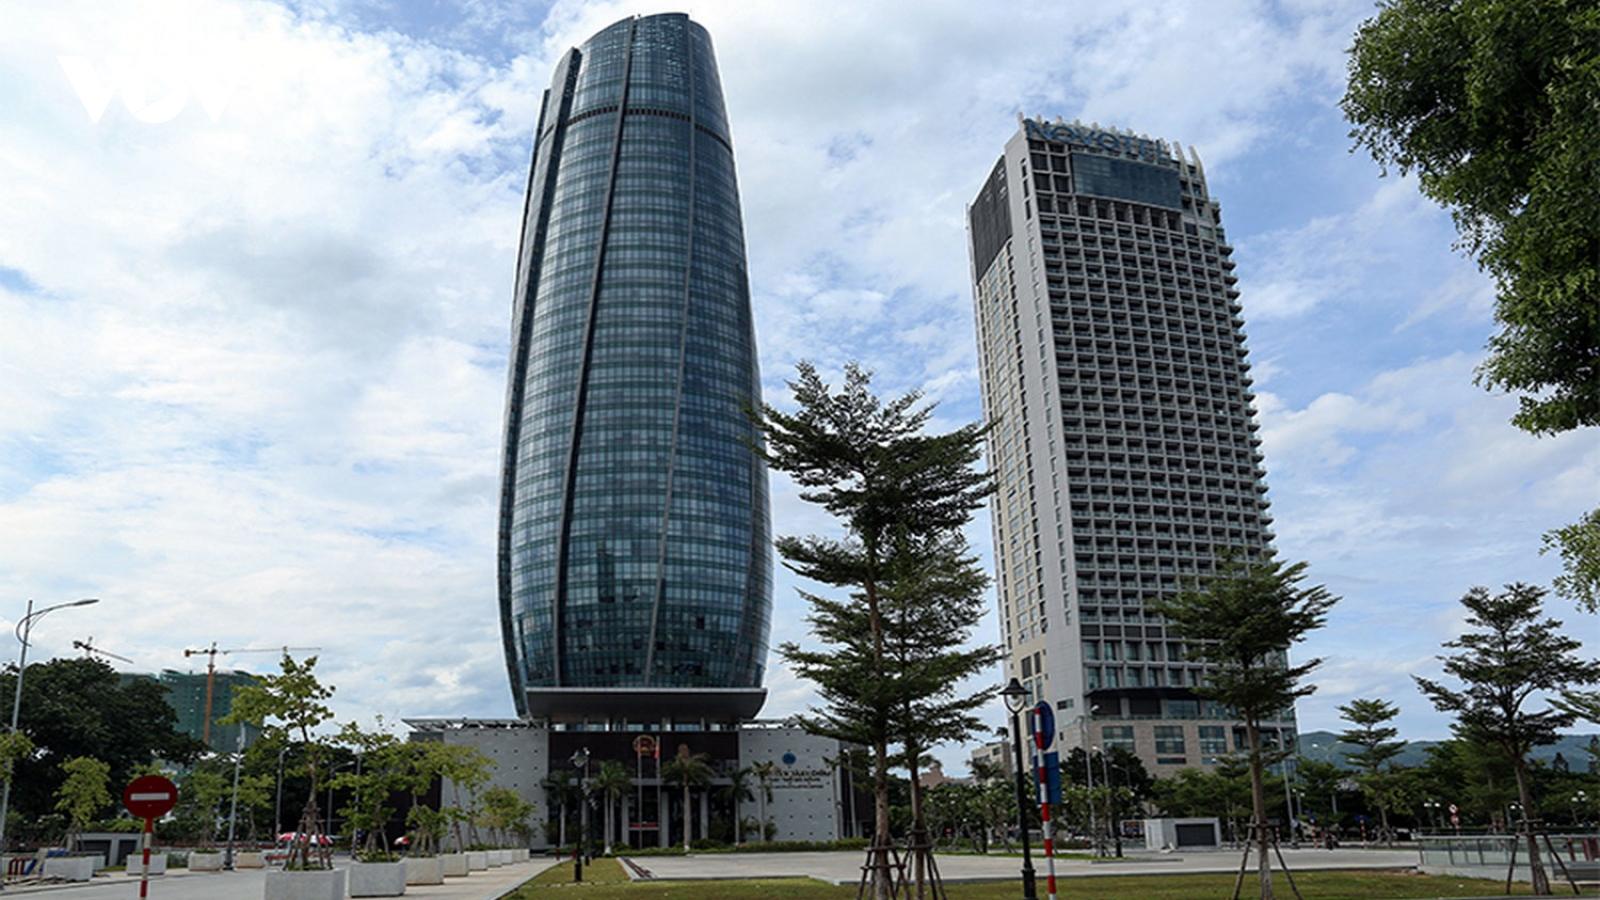 Trung tâm tài chính khu vực: Động lực thúc đẩy kinh tế Đà Nẵng